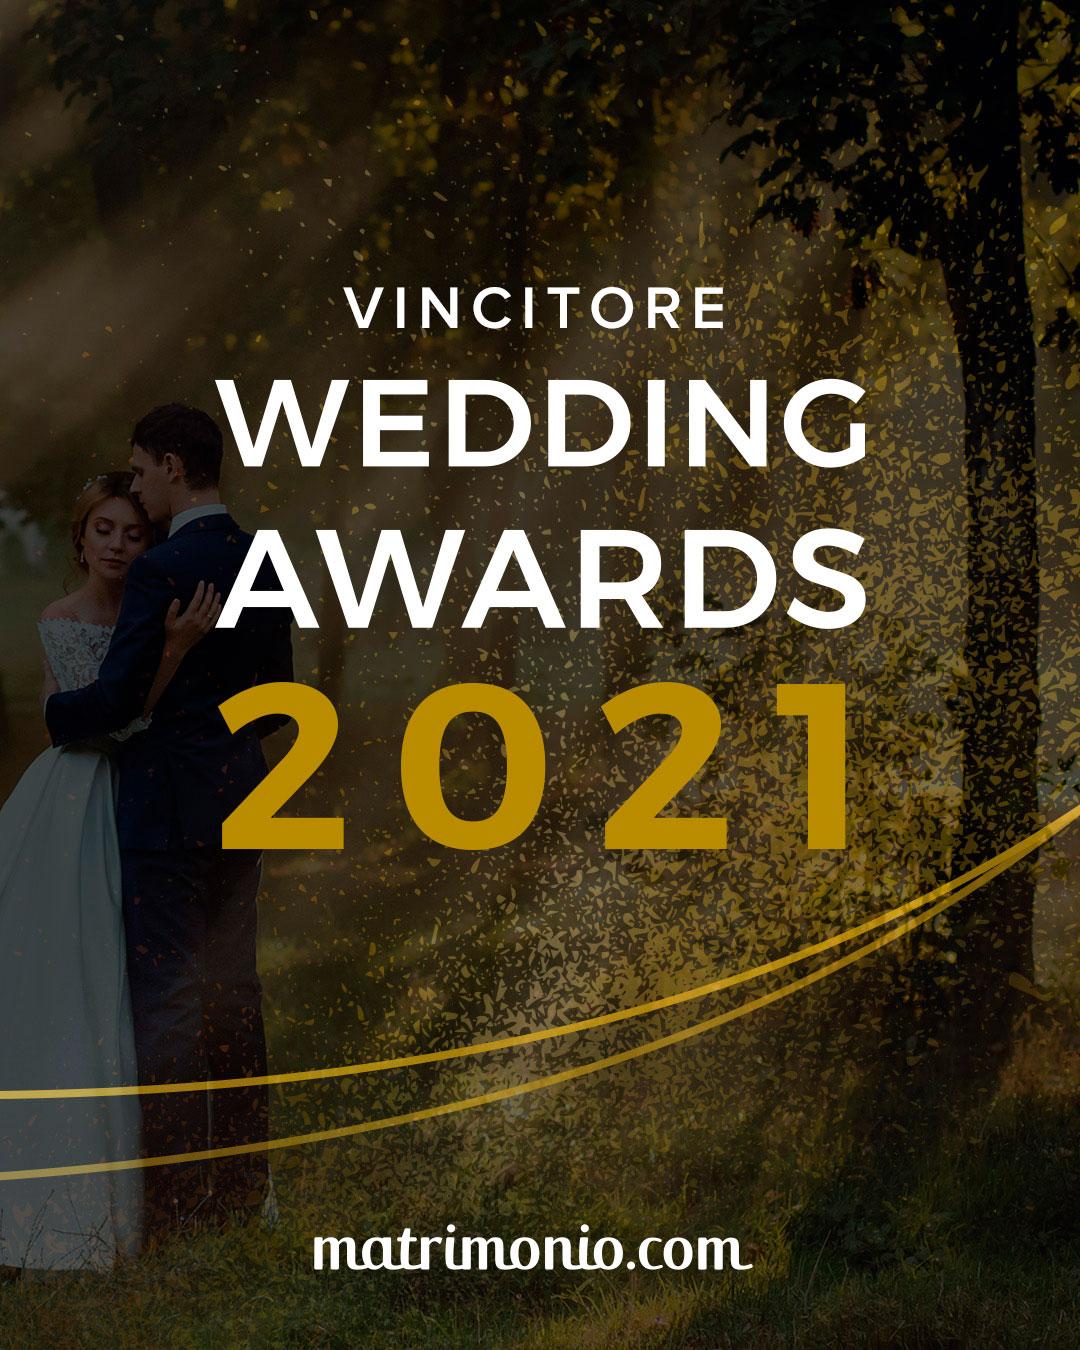 White Lady Wedding Awards 2021